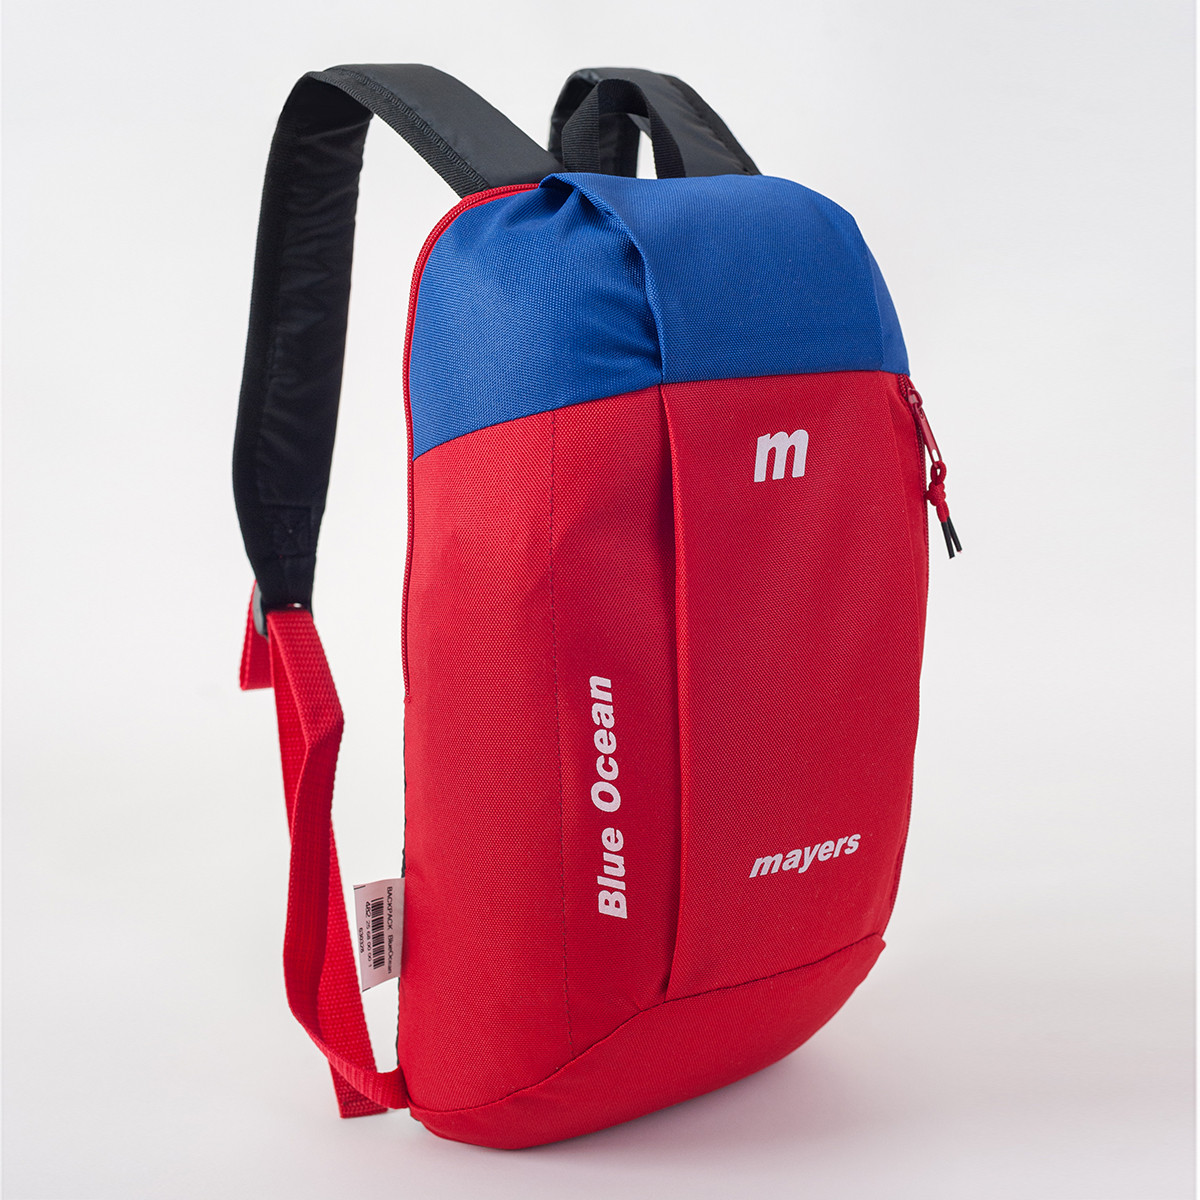 Спортивный рюкзак MAYERS 10L, красный + синий, фото 2